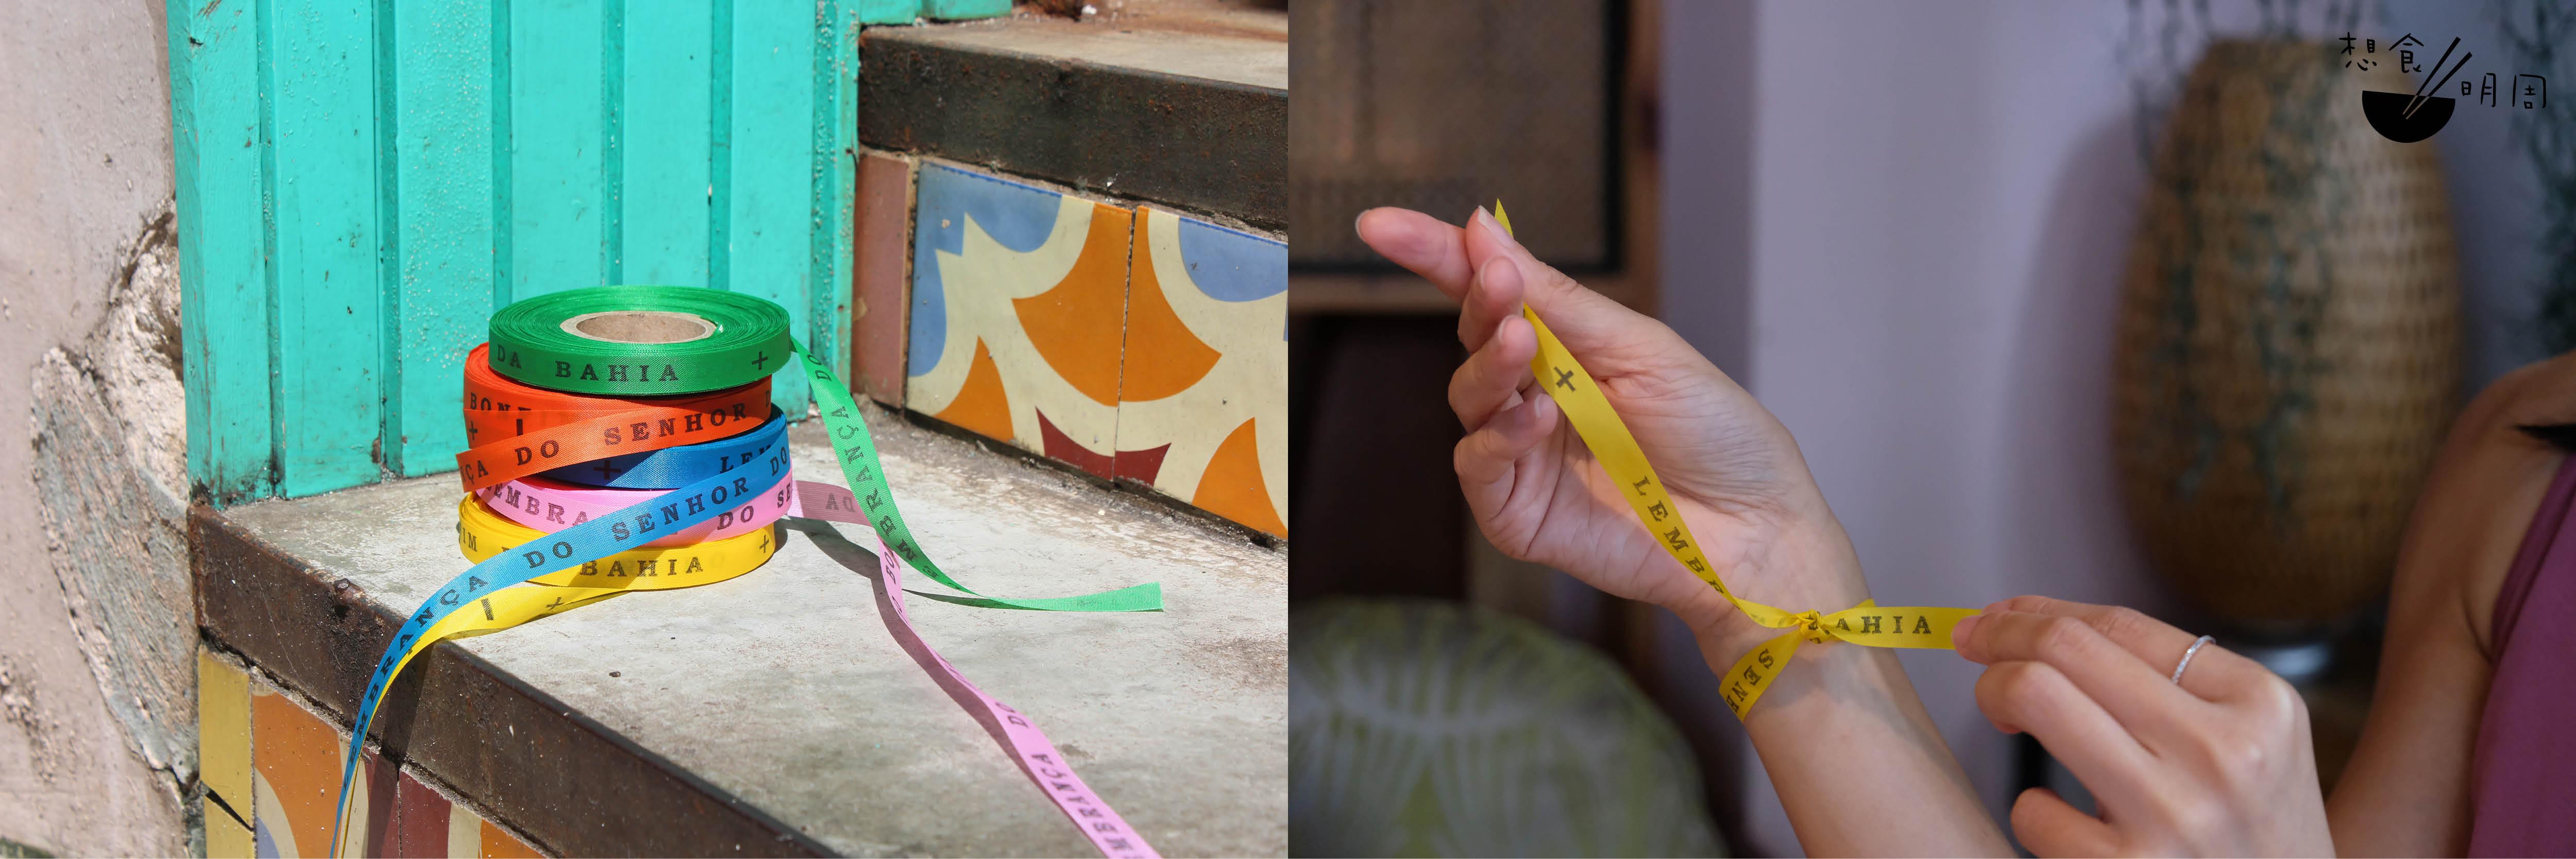 在巴西巴伊亞薩爾瓦多下城的I繽紛主教堂外圍,掛有大量彩色絲帶。傳說,只要在手上綁上彩帶,每打結一次,代表一個願望。當自然脫下時,就代表願望成真。